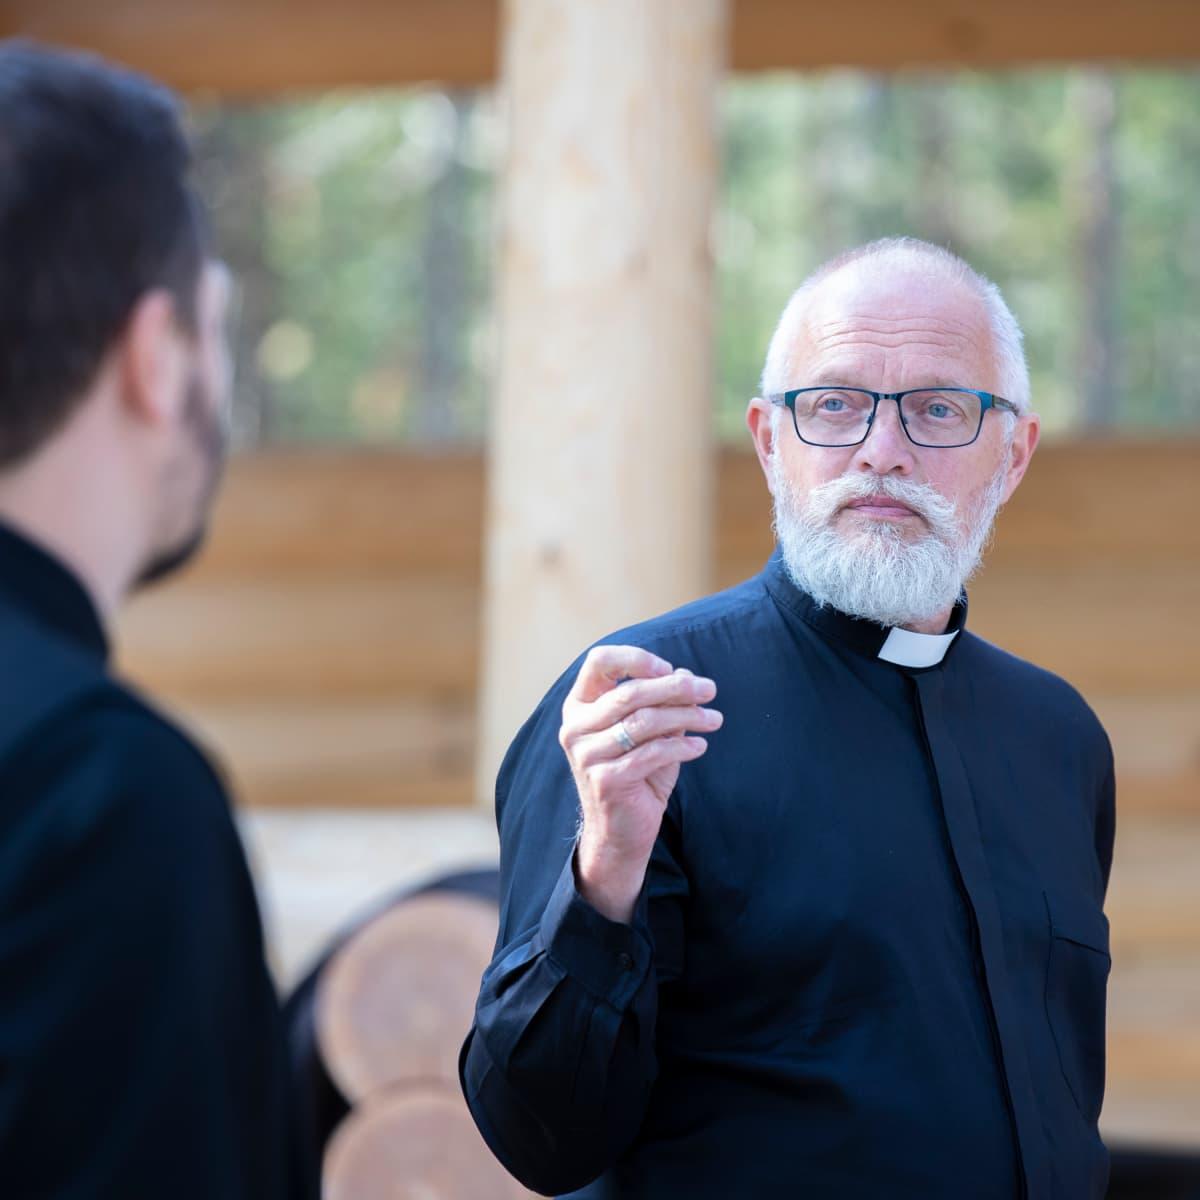 Lääninrovasti Juha Eklund Ilkonsaaren rukoushuoneen siunaustilaisuudessa.